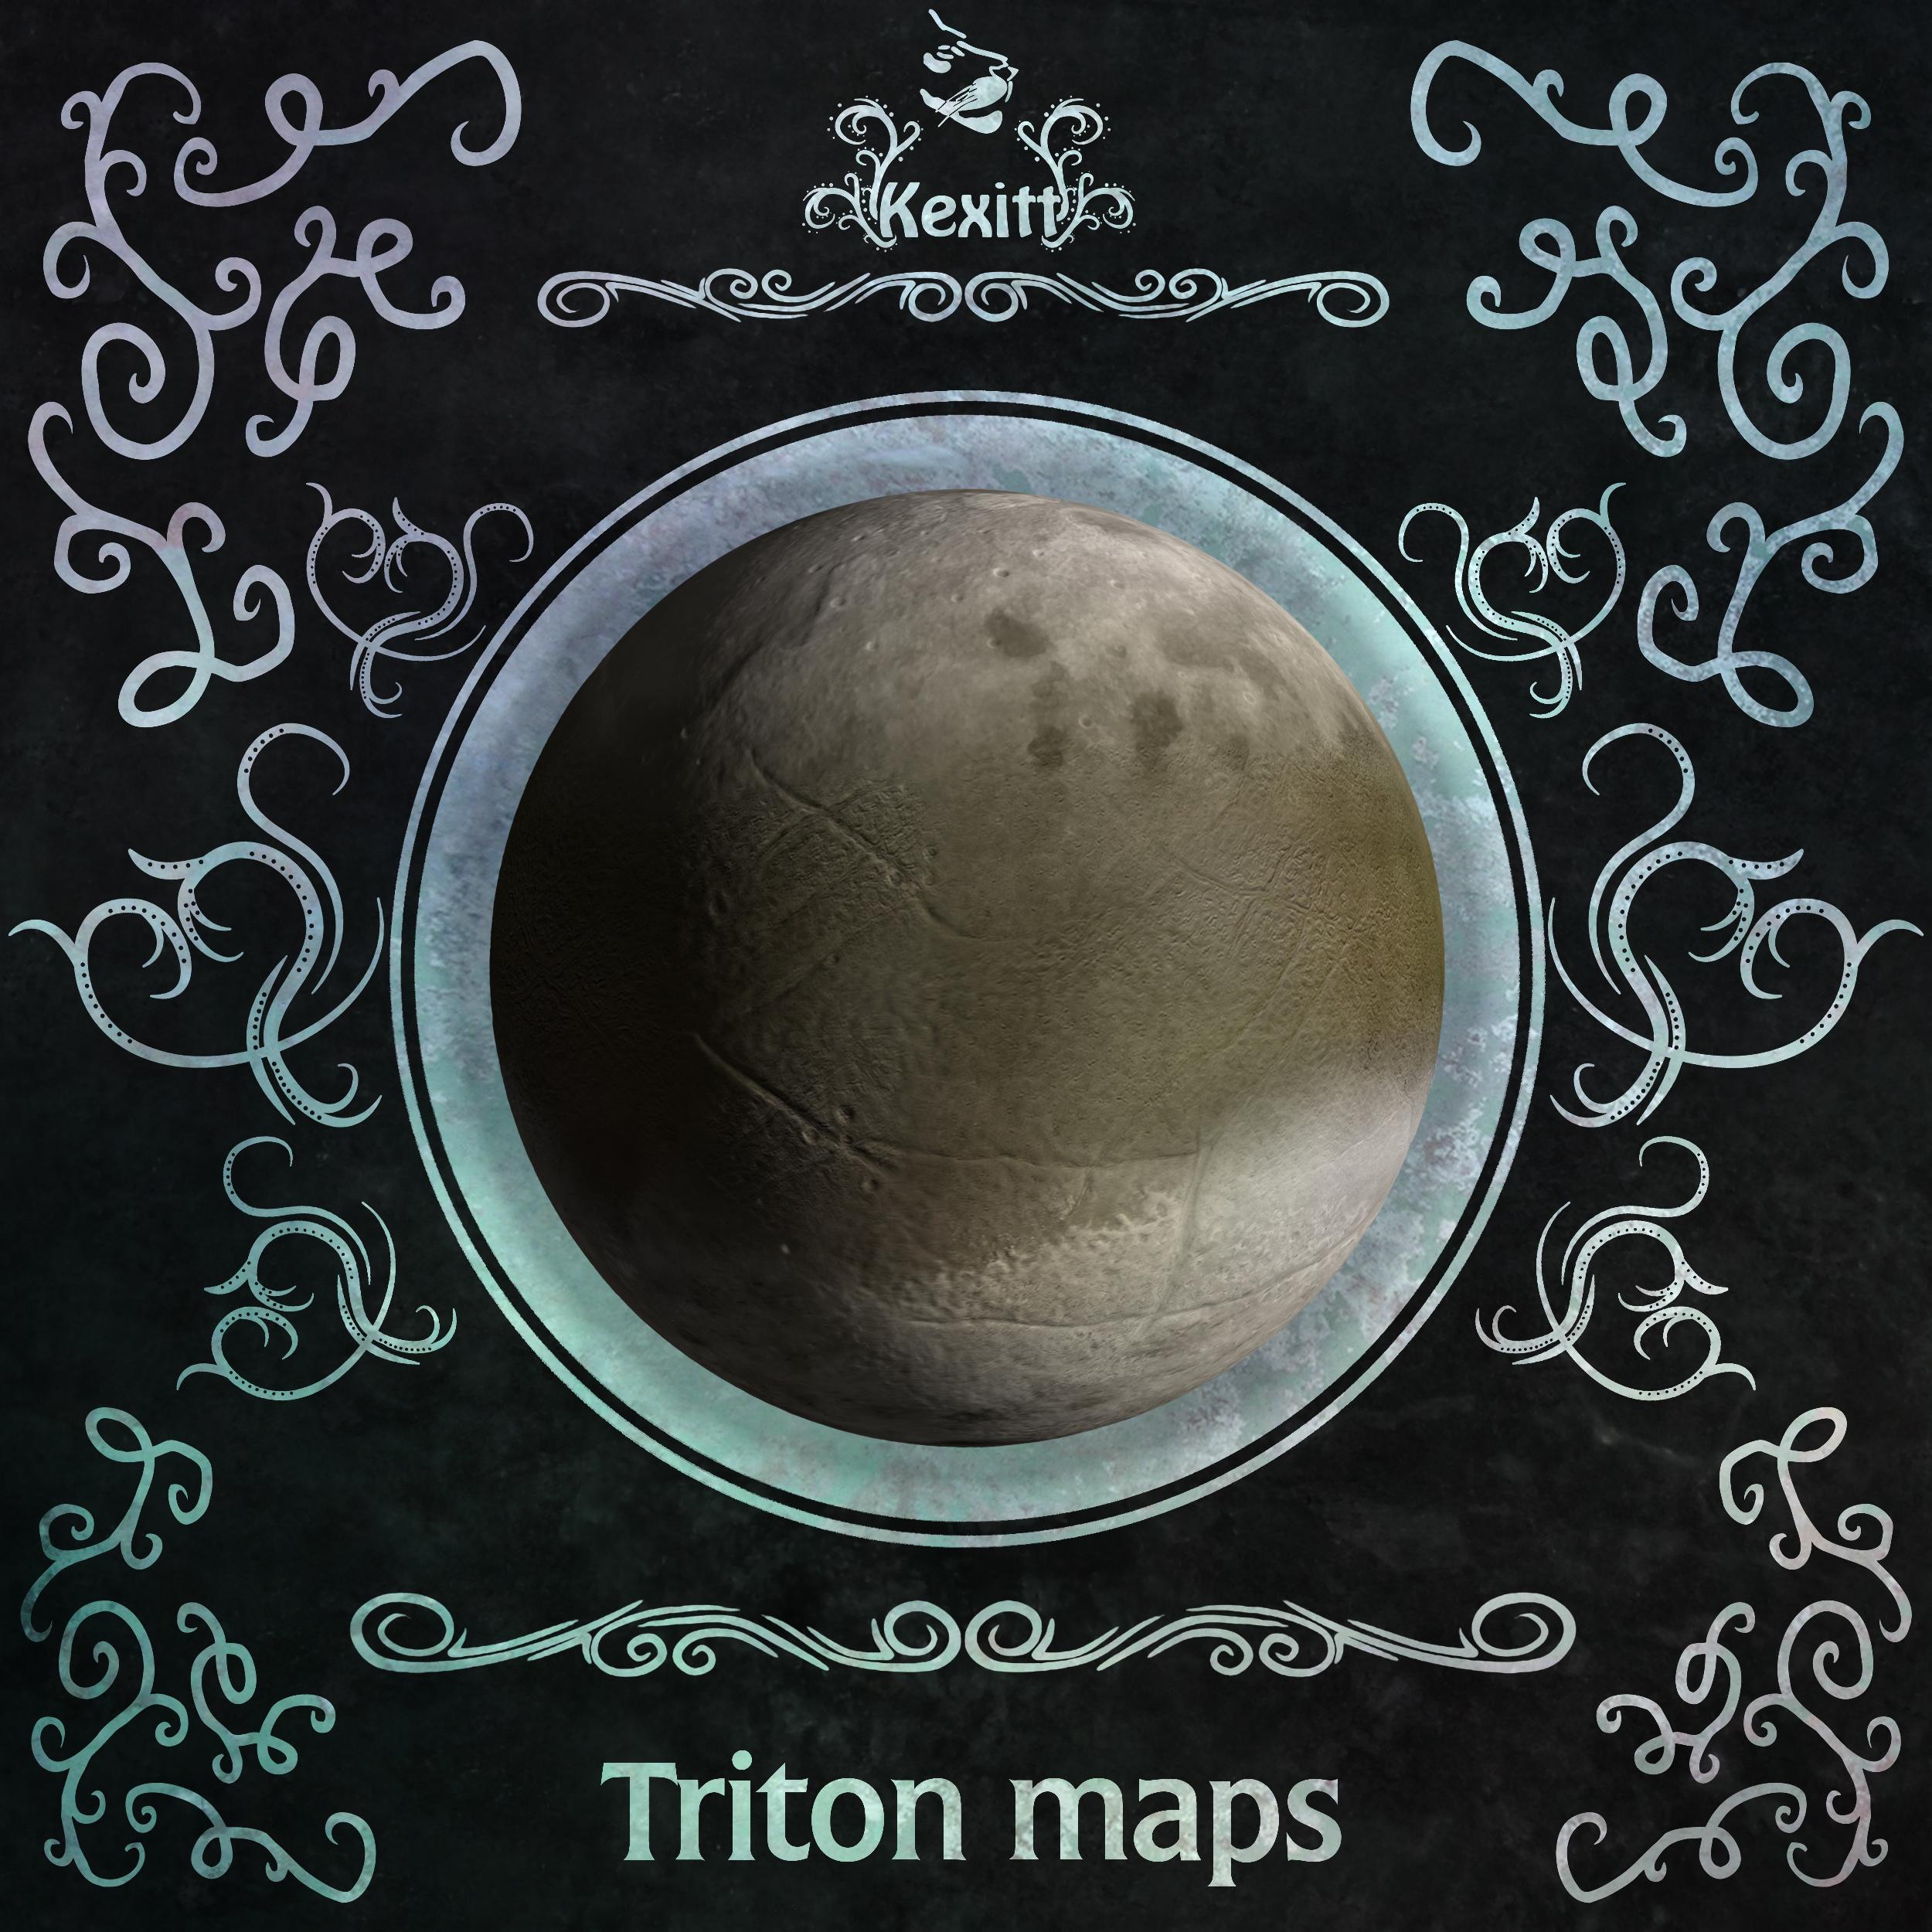 Triton maps